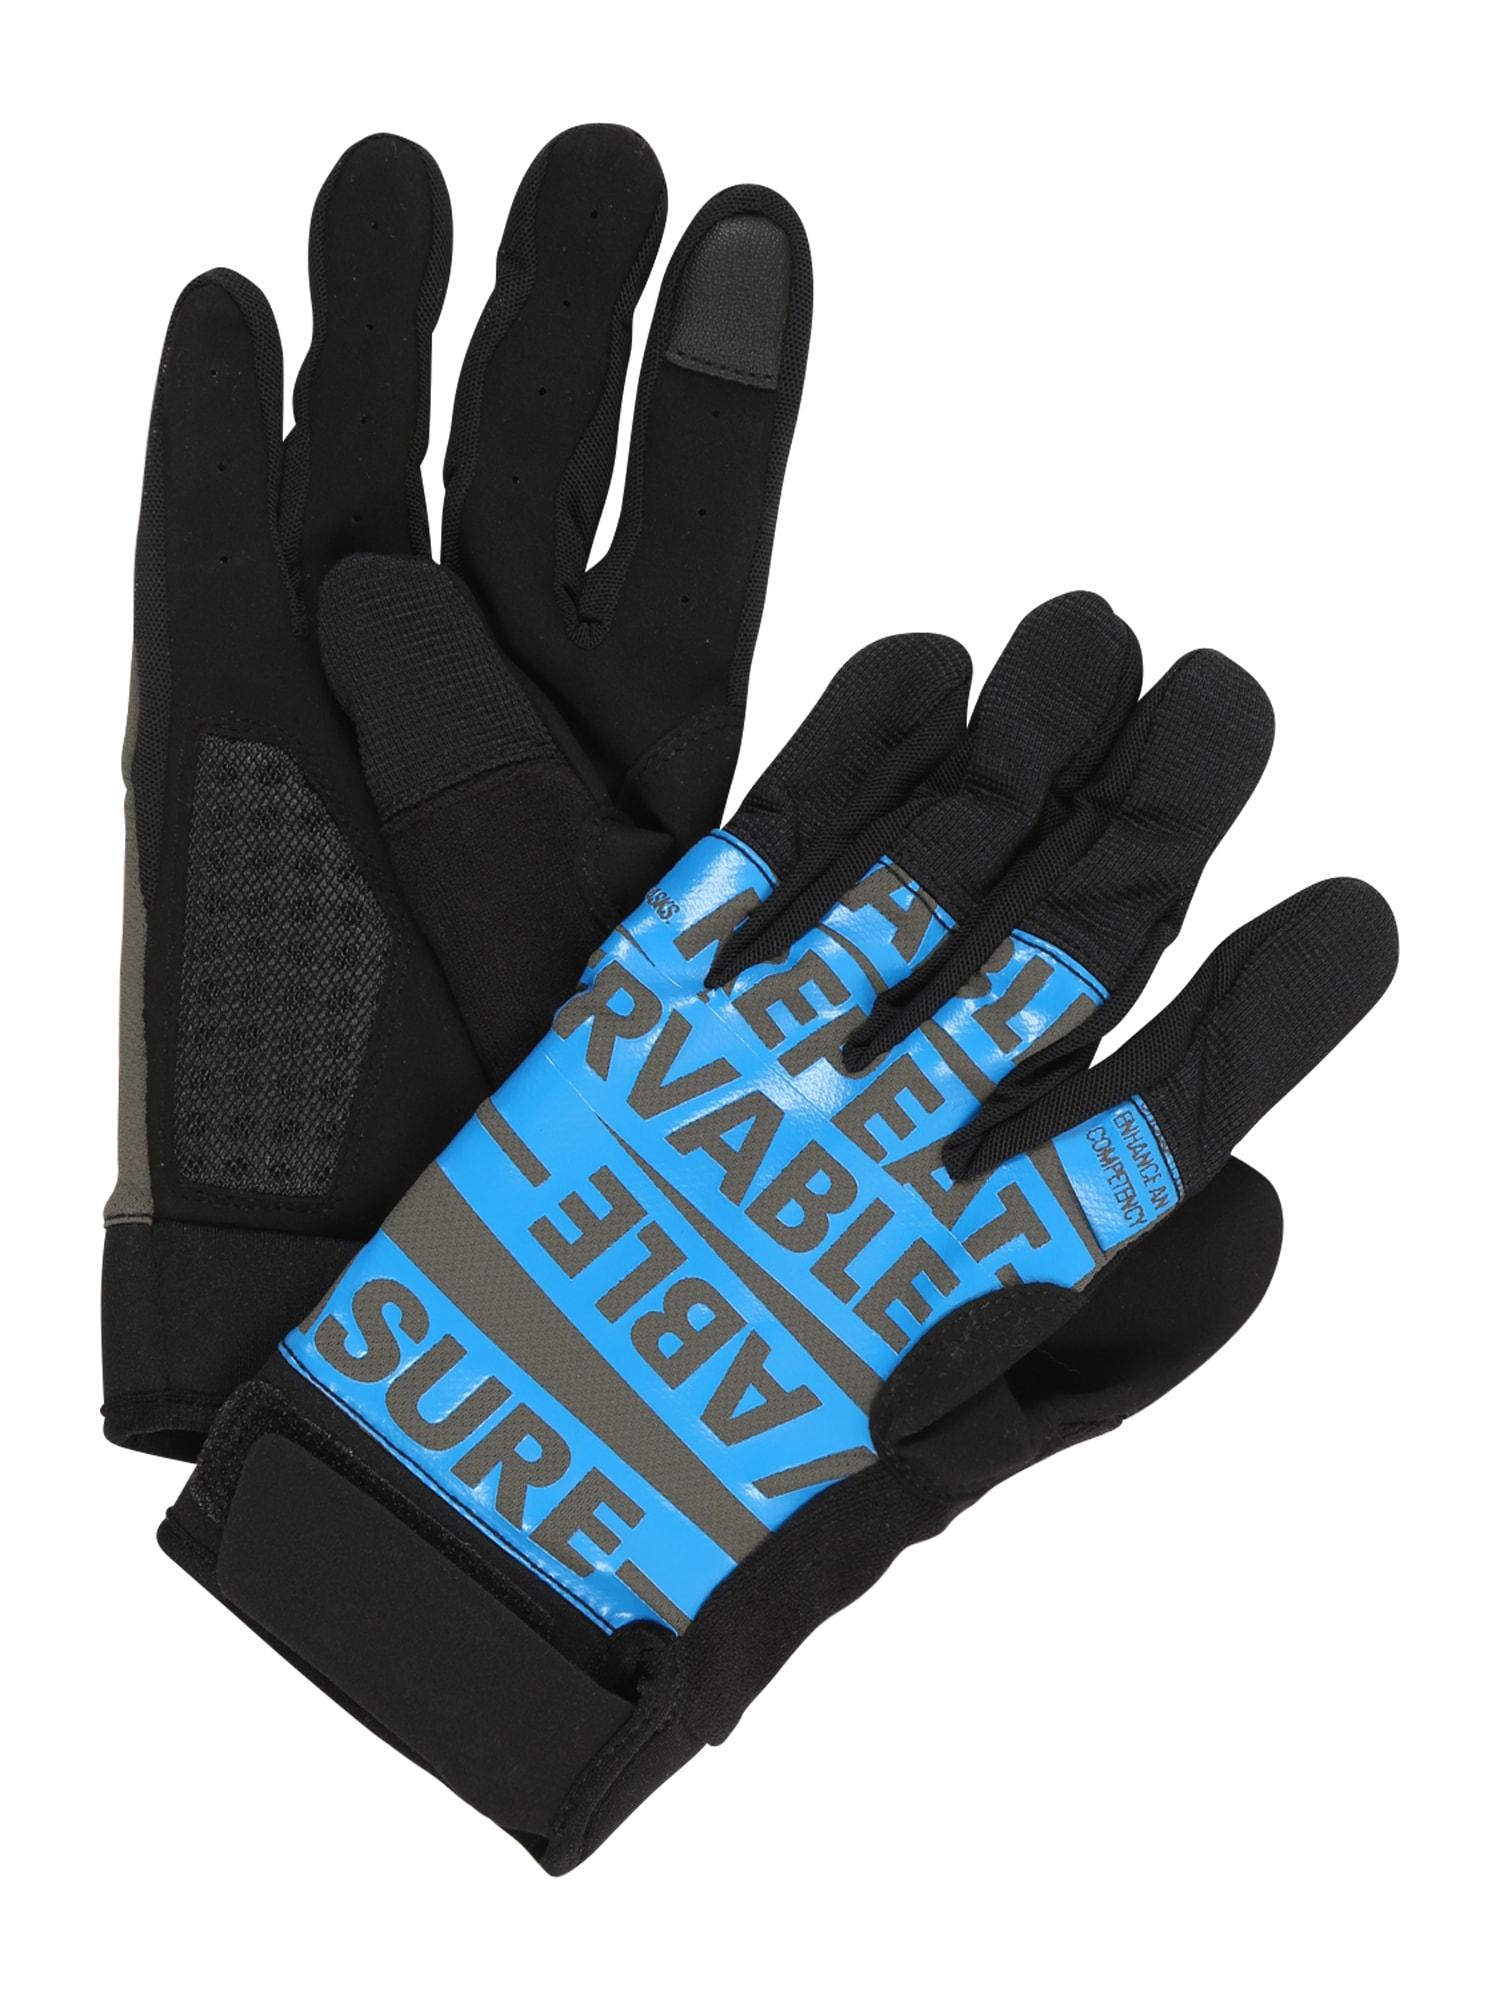 REEBOK Sportinės pirštinės tamsiai pilka / antracito / šviesiai mėlyna